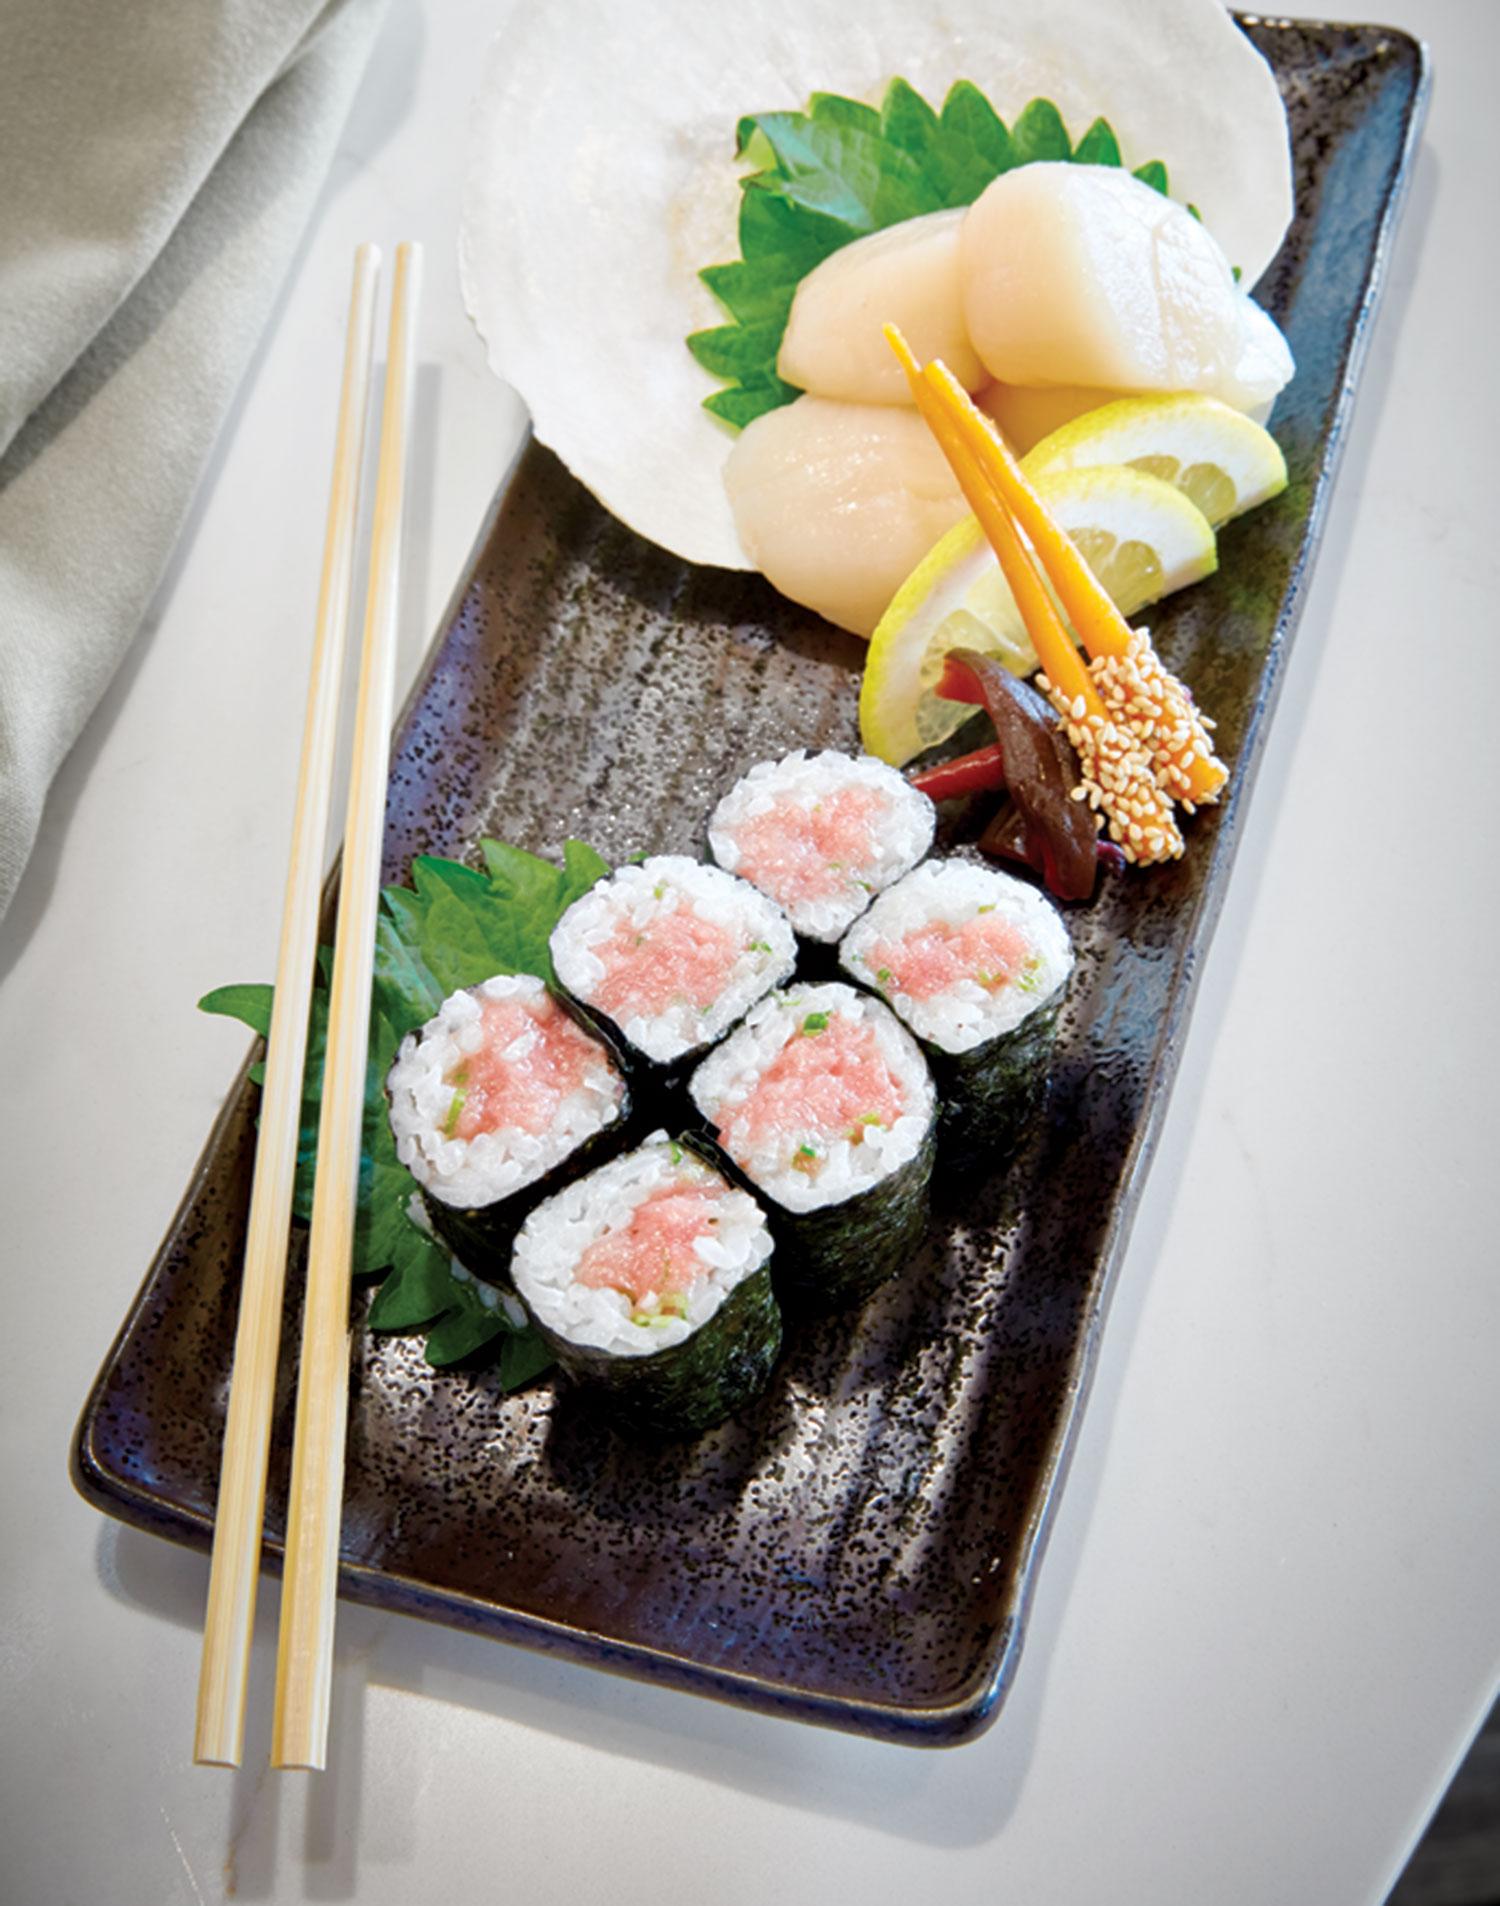 negitoro (tuna belly) roll